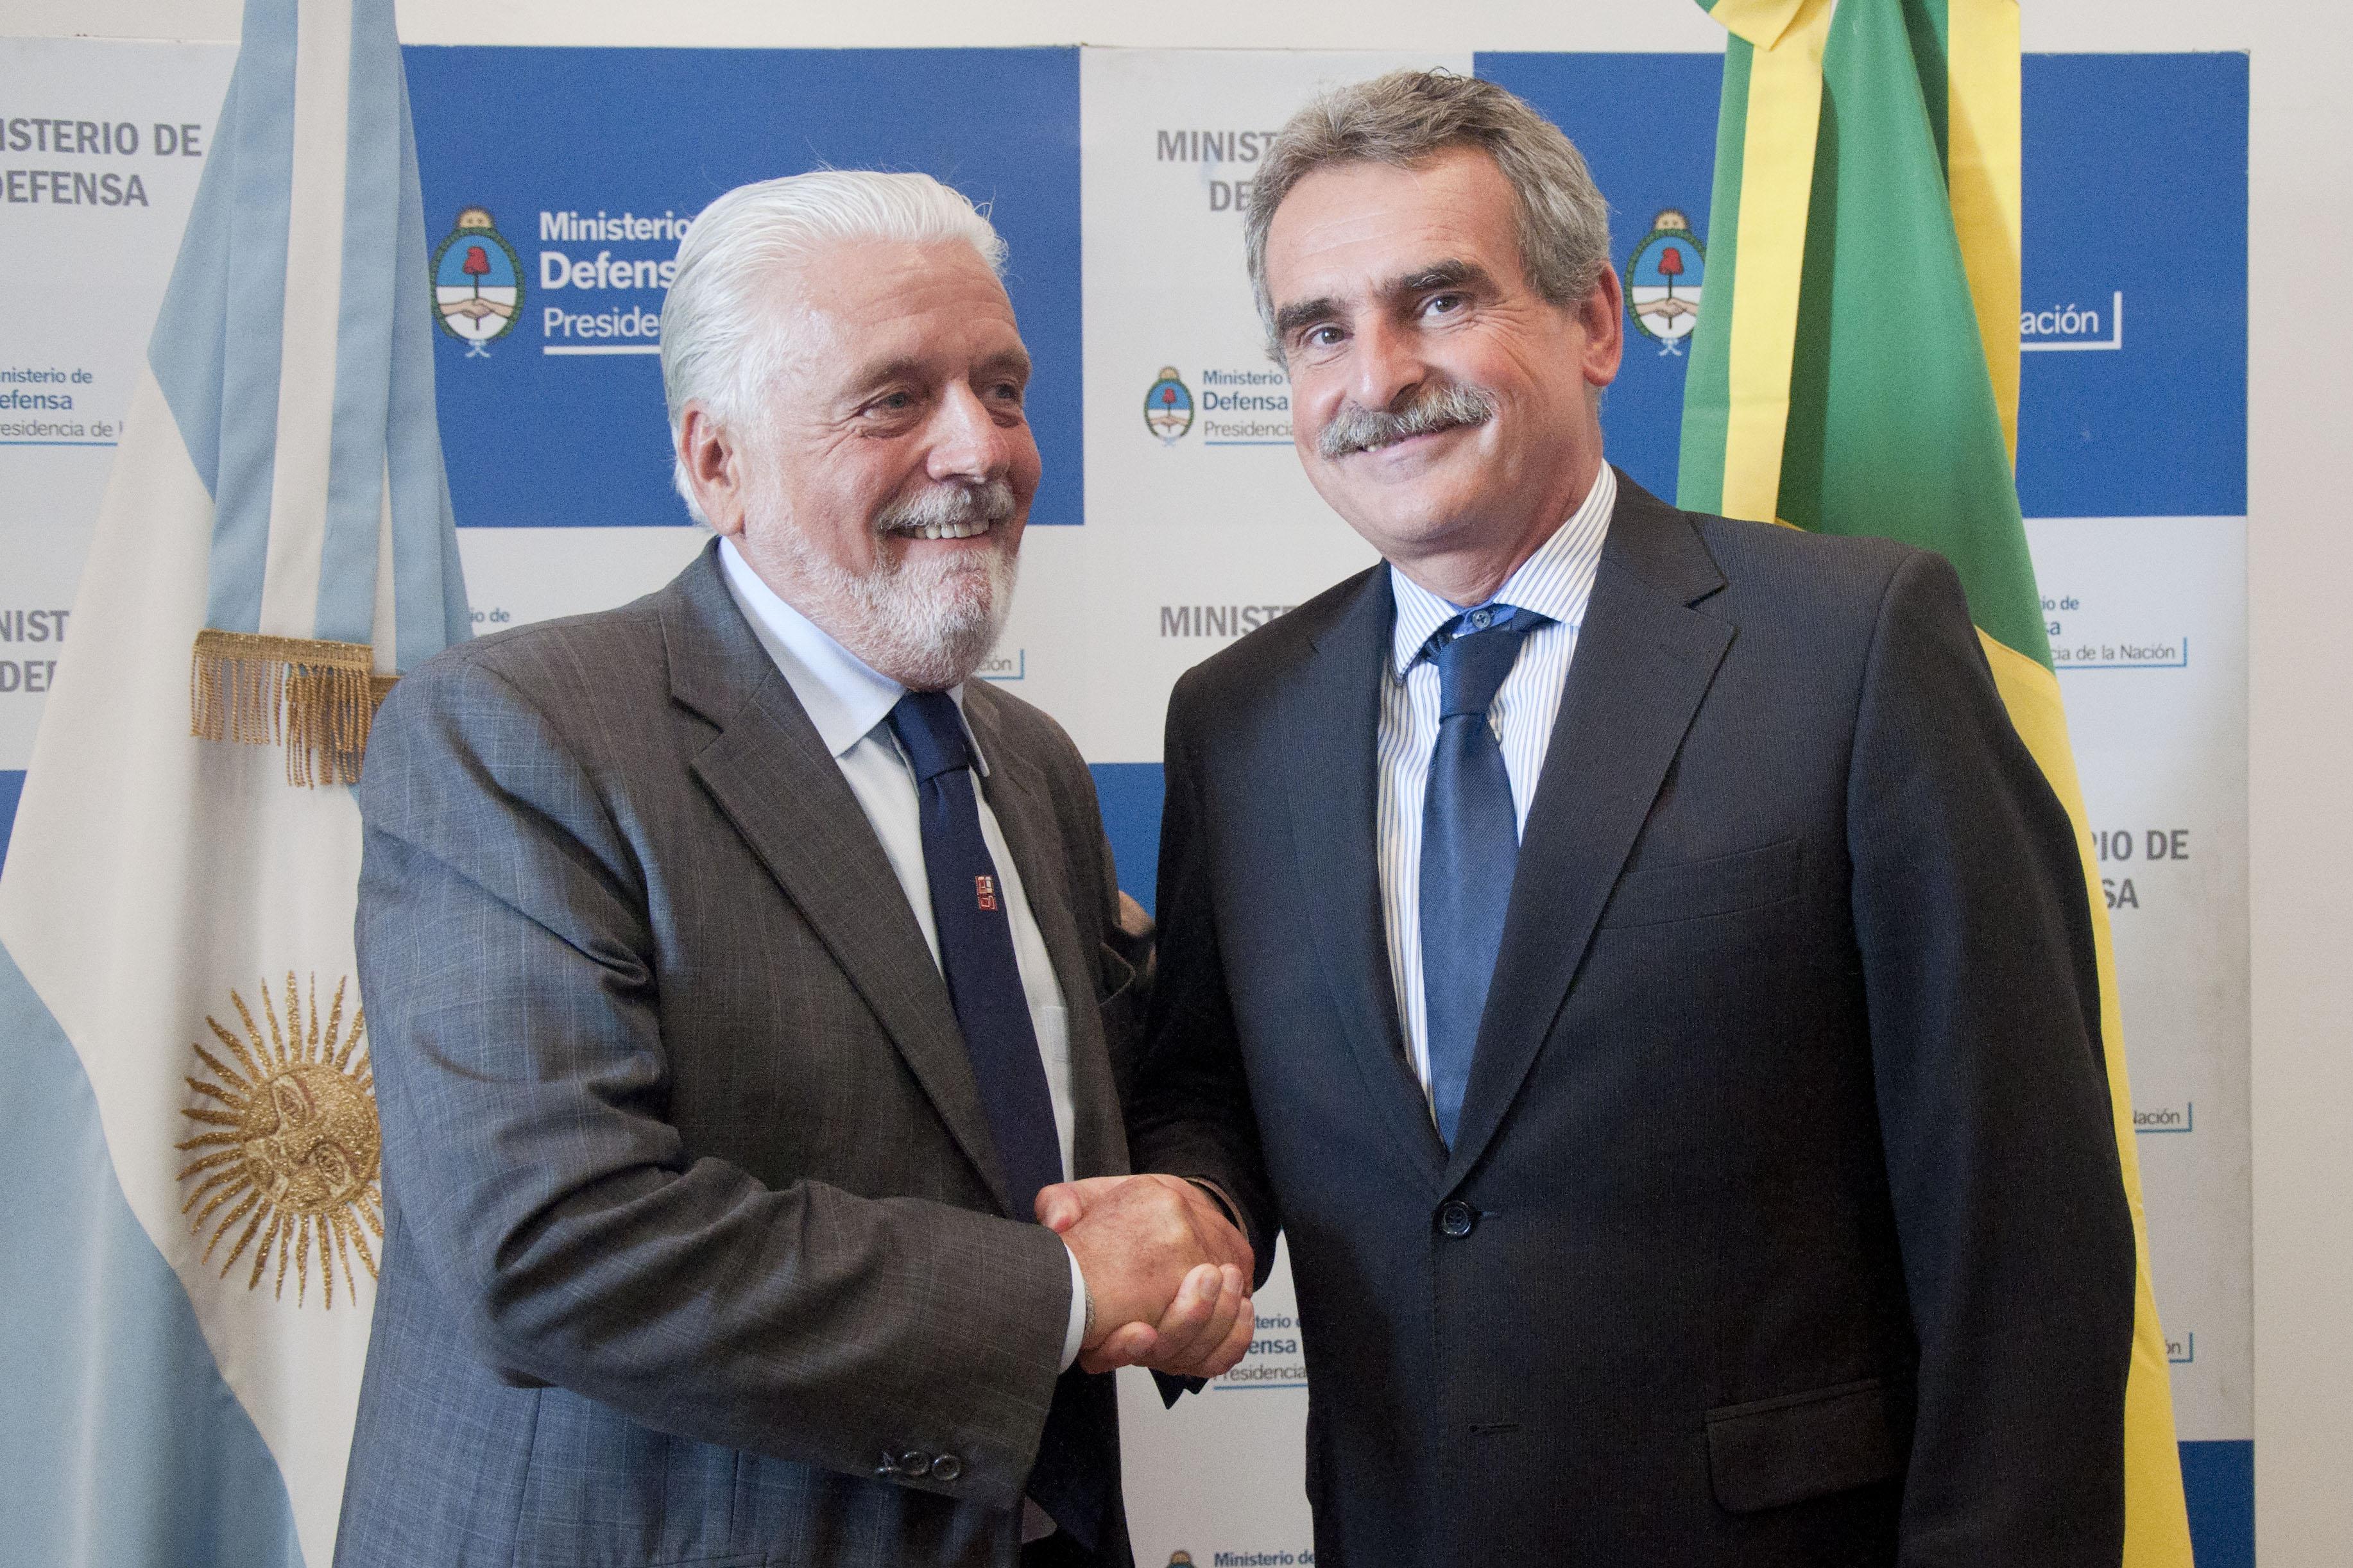 """Ministros da Defesa do Brasil e da Argentina assinam a """"Declaração pela Democracia e a Paz"""" e iniciam negociações para a venda de caças Gripen NG"""